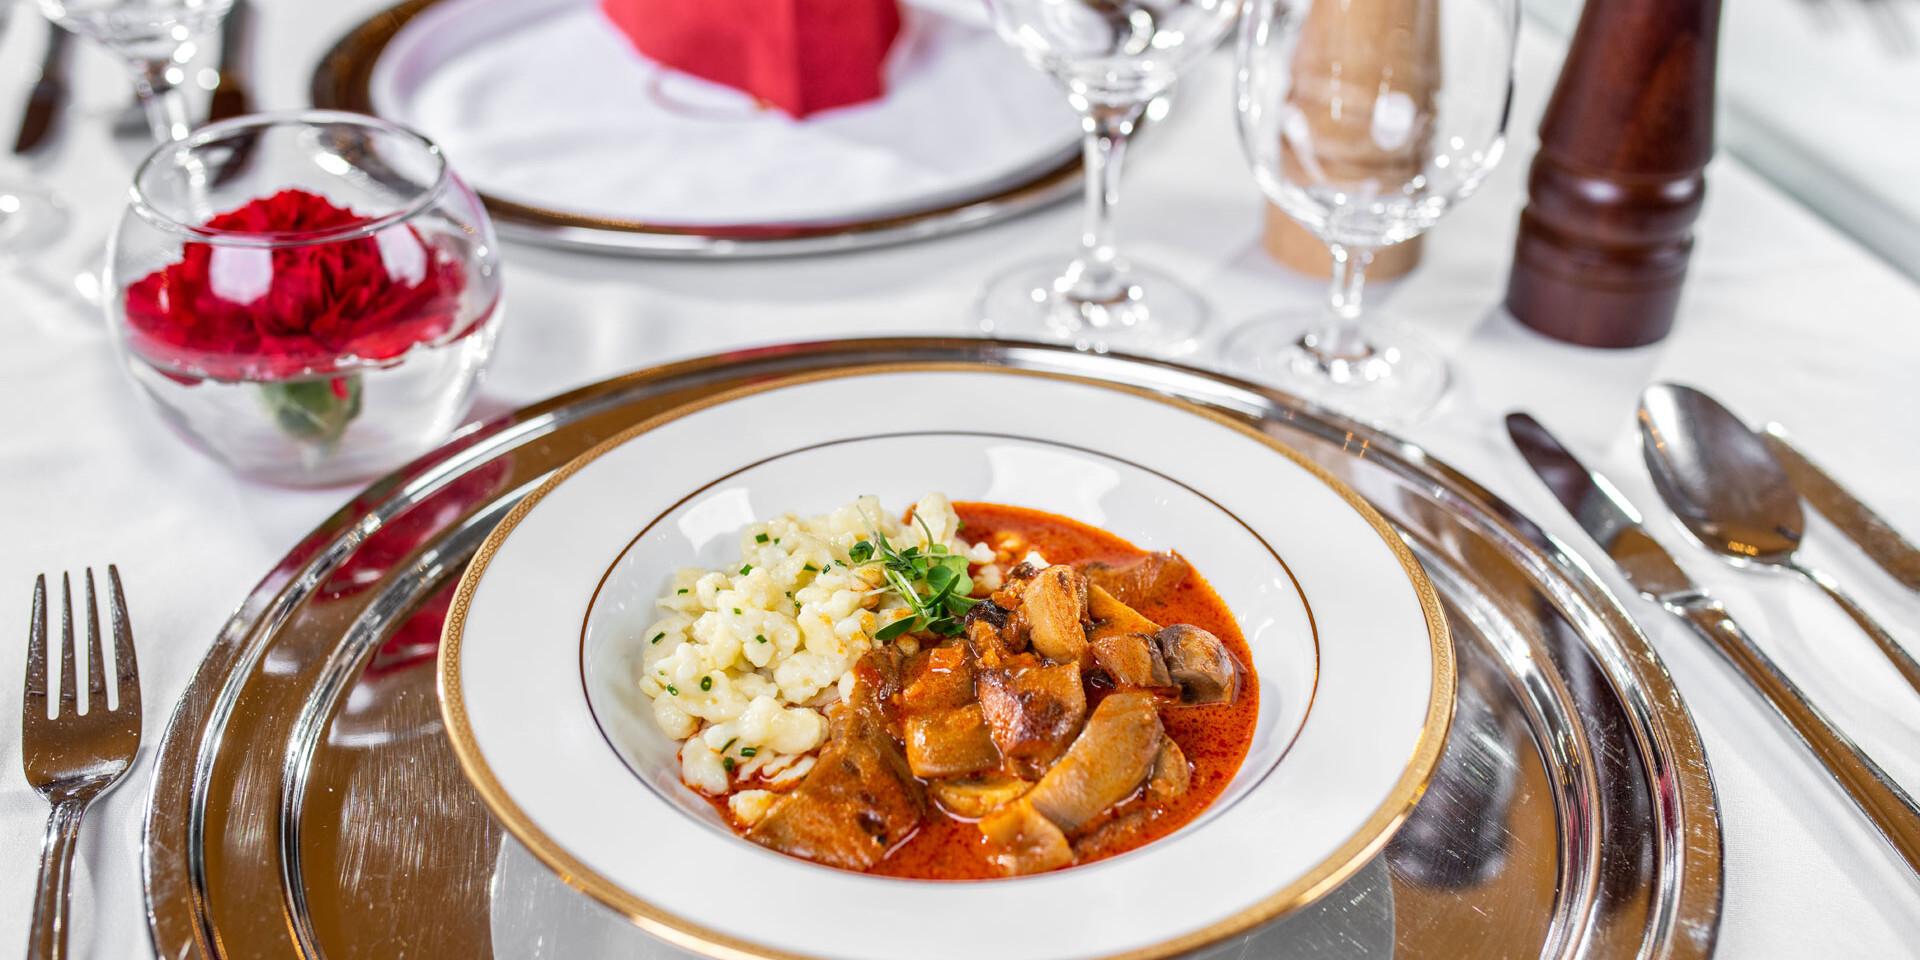 Degustačné 7-chodové menu v reštaurácii Hotela Devín**** inšpirované maďarskou kuchyňou